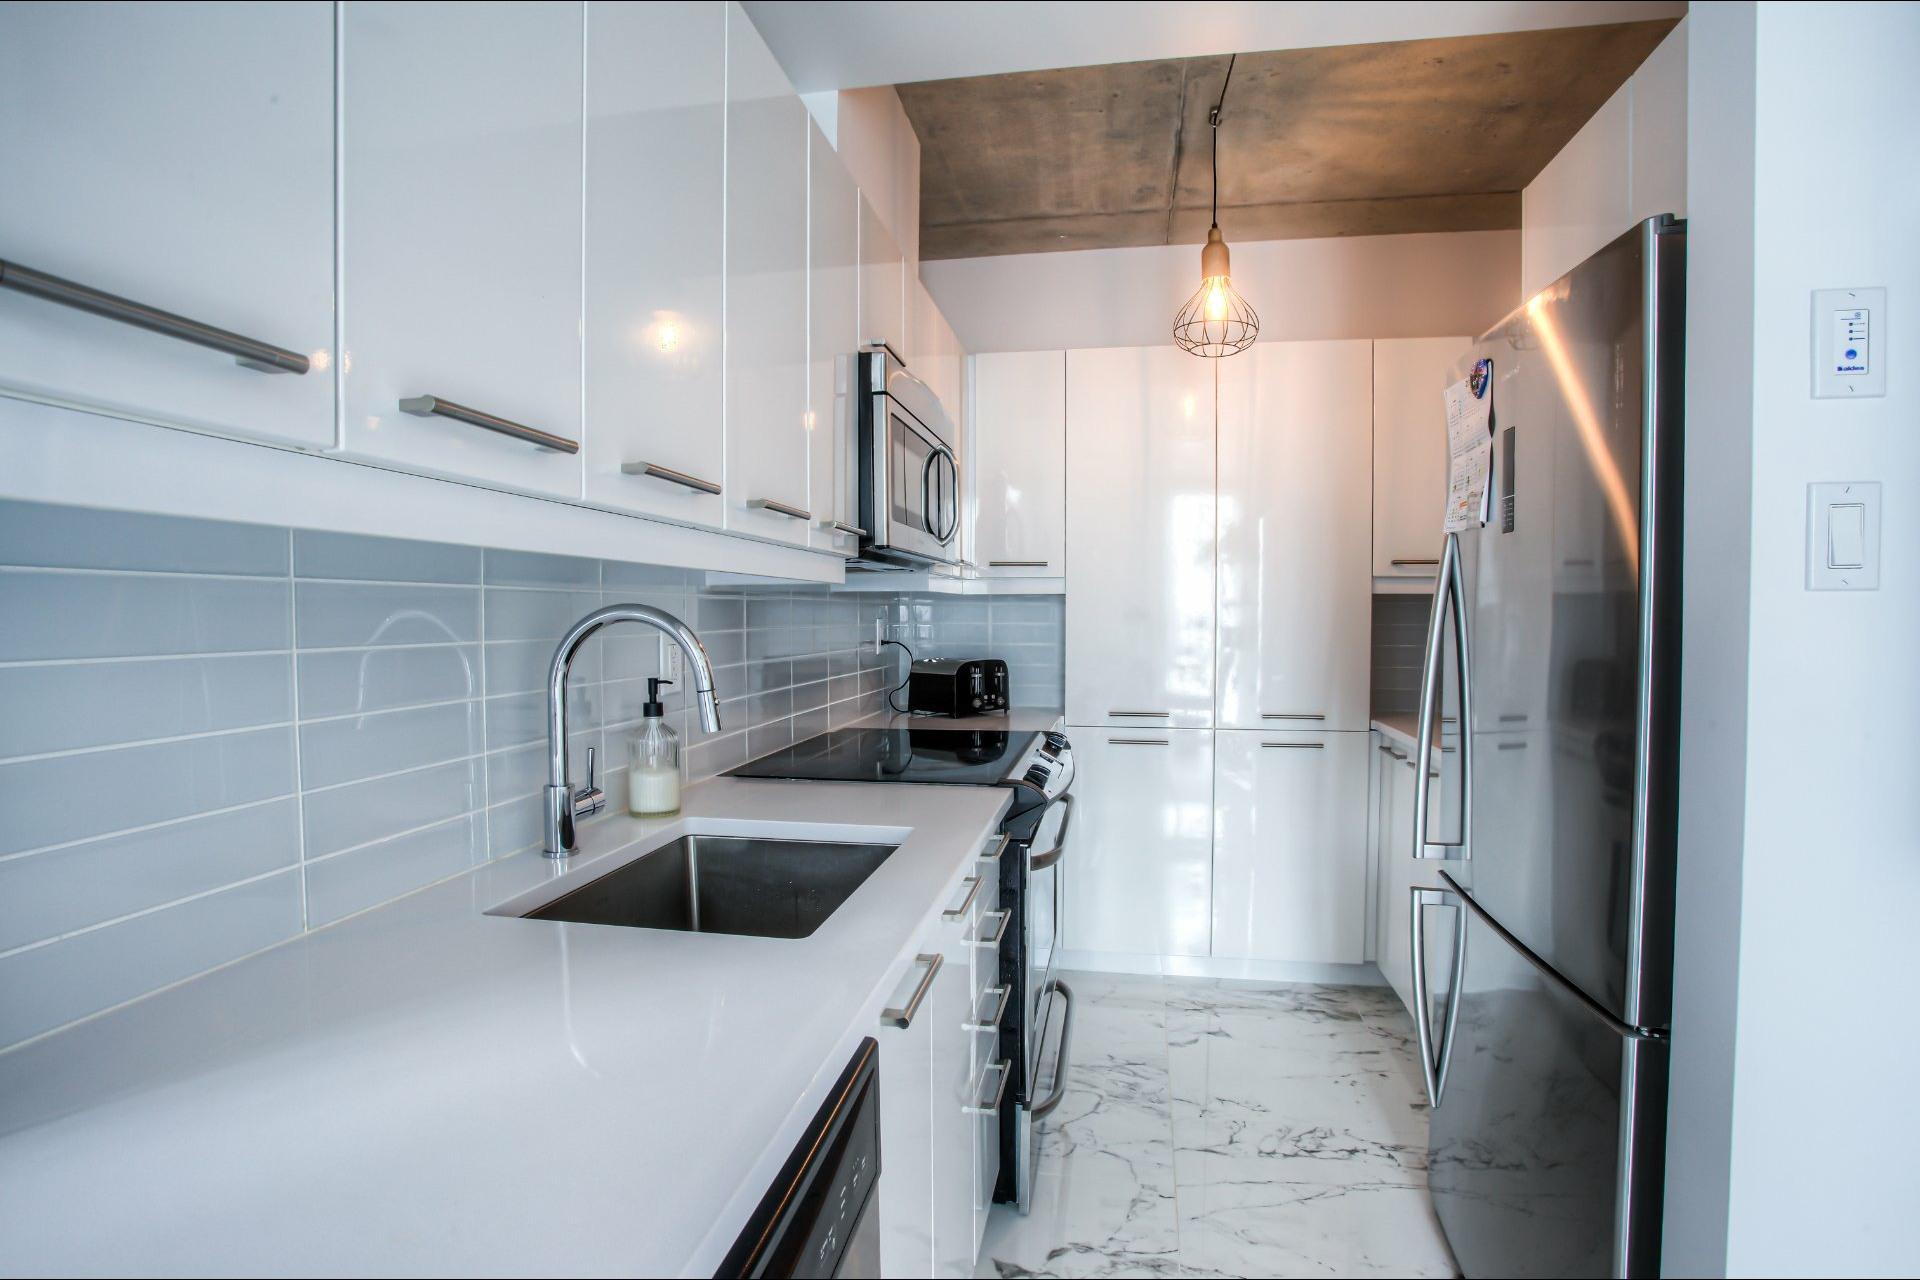 image 9 - Appartement À vendre Le Sud-Ouest Montréal  - 5 pièces